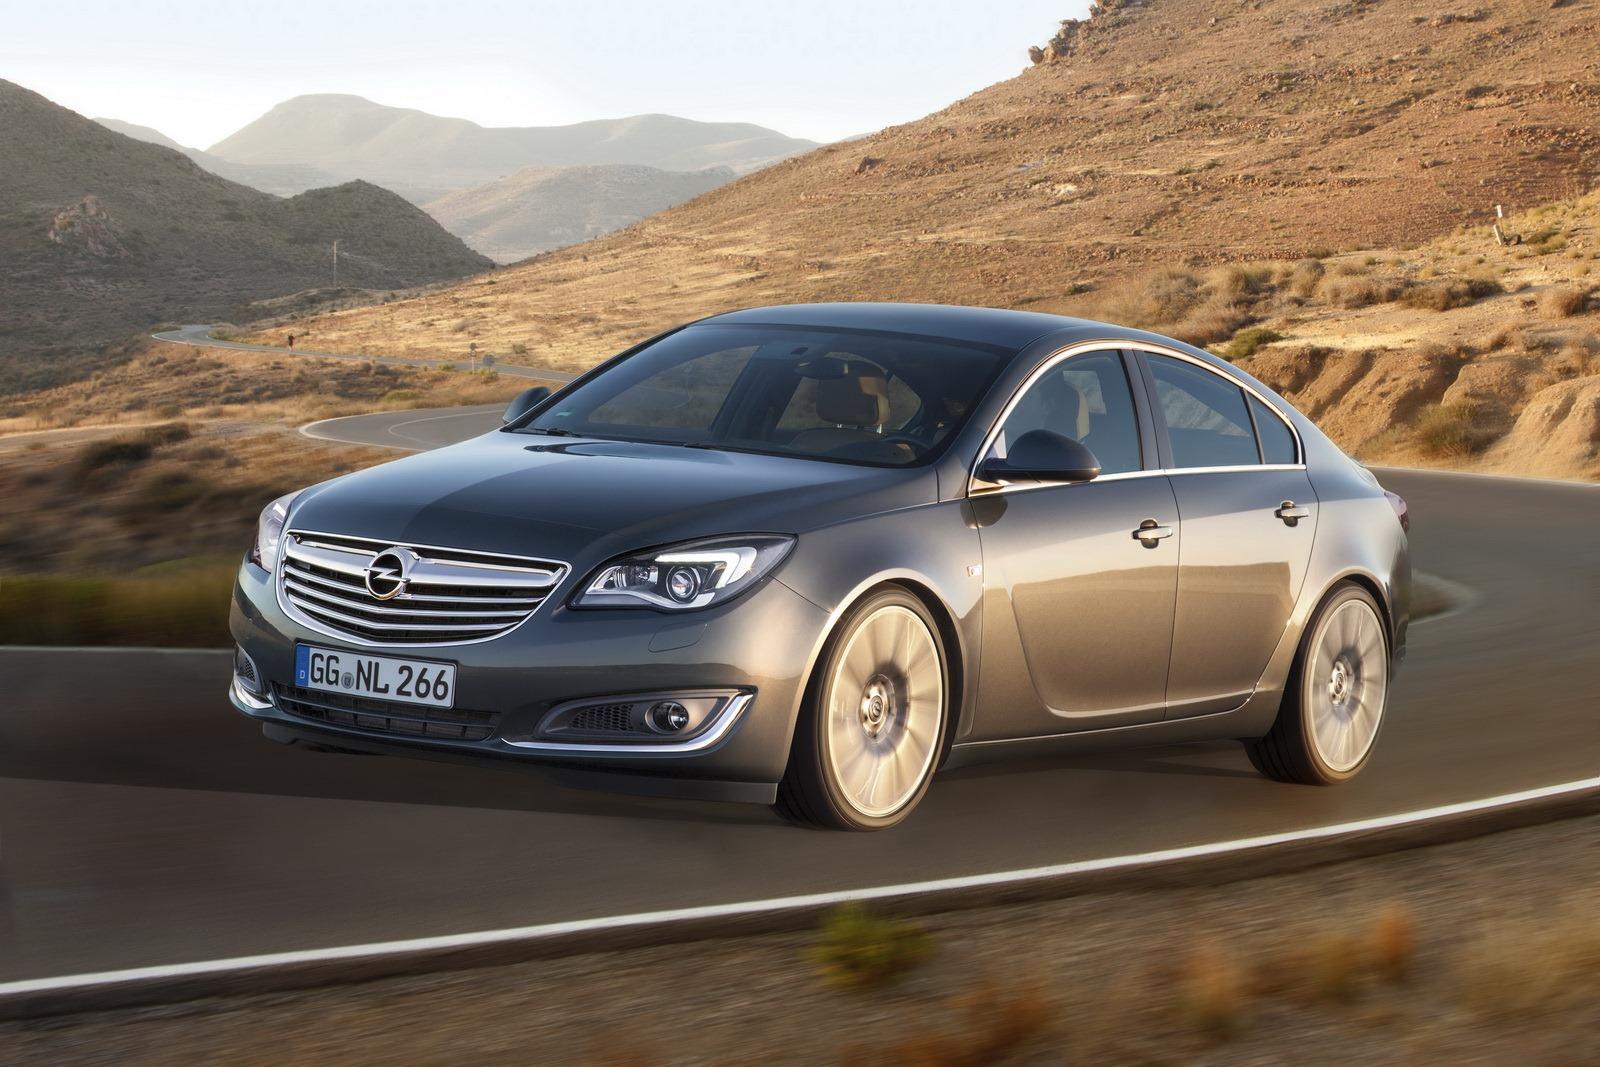 Opel-Insignia-Facelift-4%25255B2%25255D.jpg